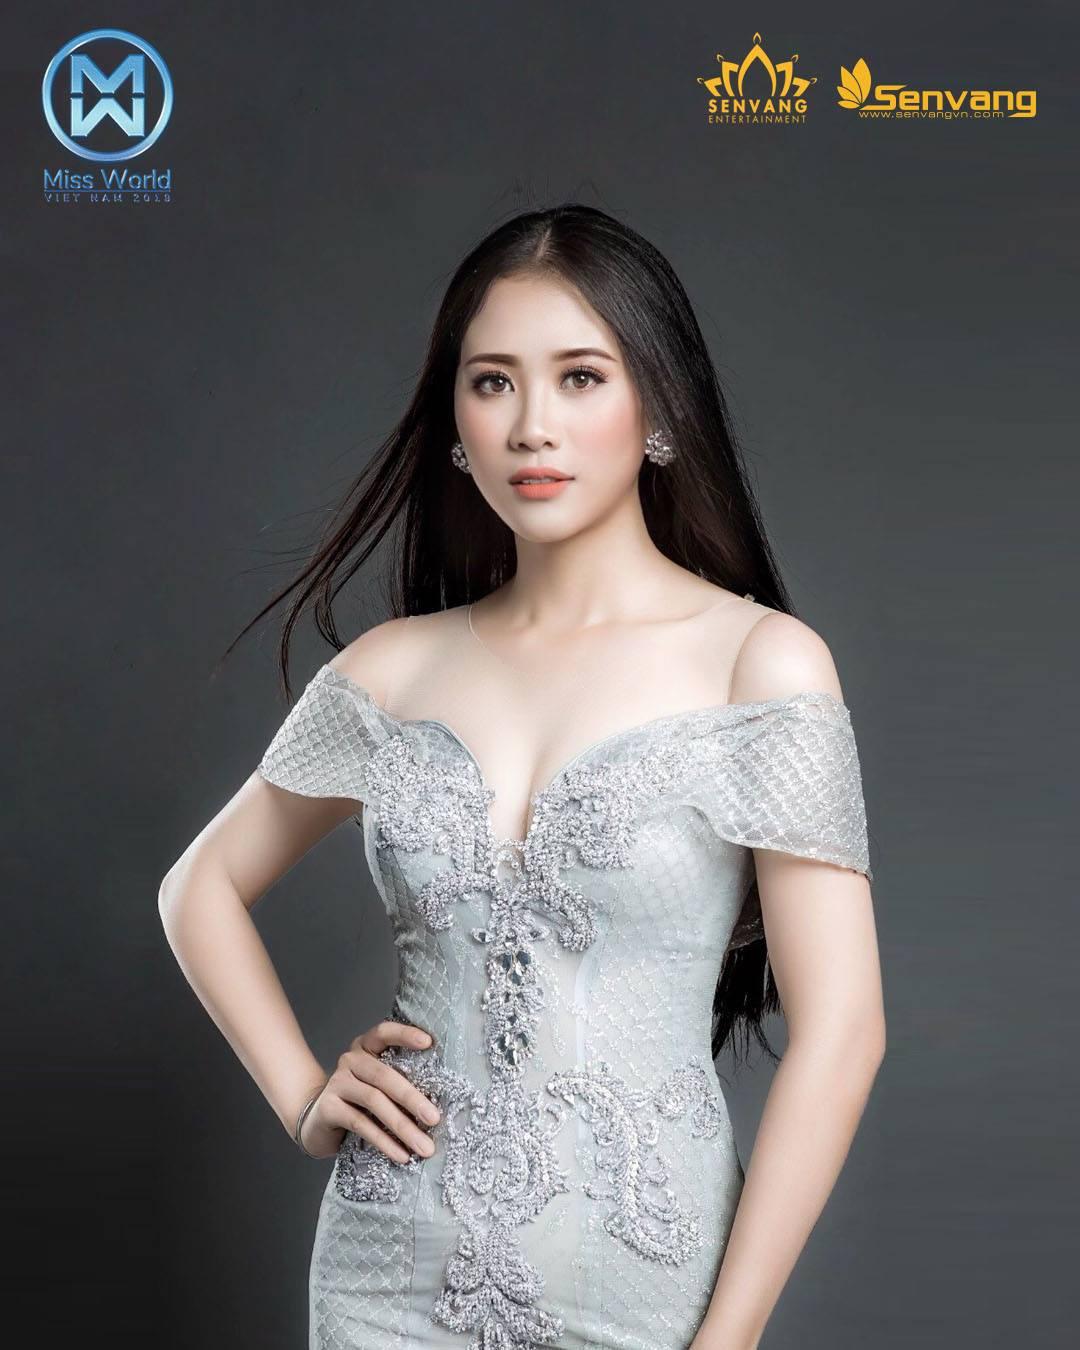 Lộ diện những thí sinh đầu tiên của Hoa hậu Thế giới Việt Nam 2019  - Ảnh 15.